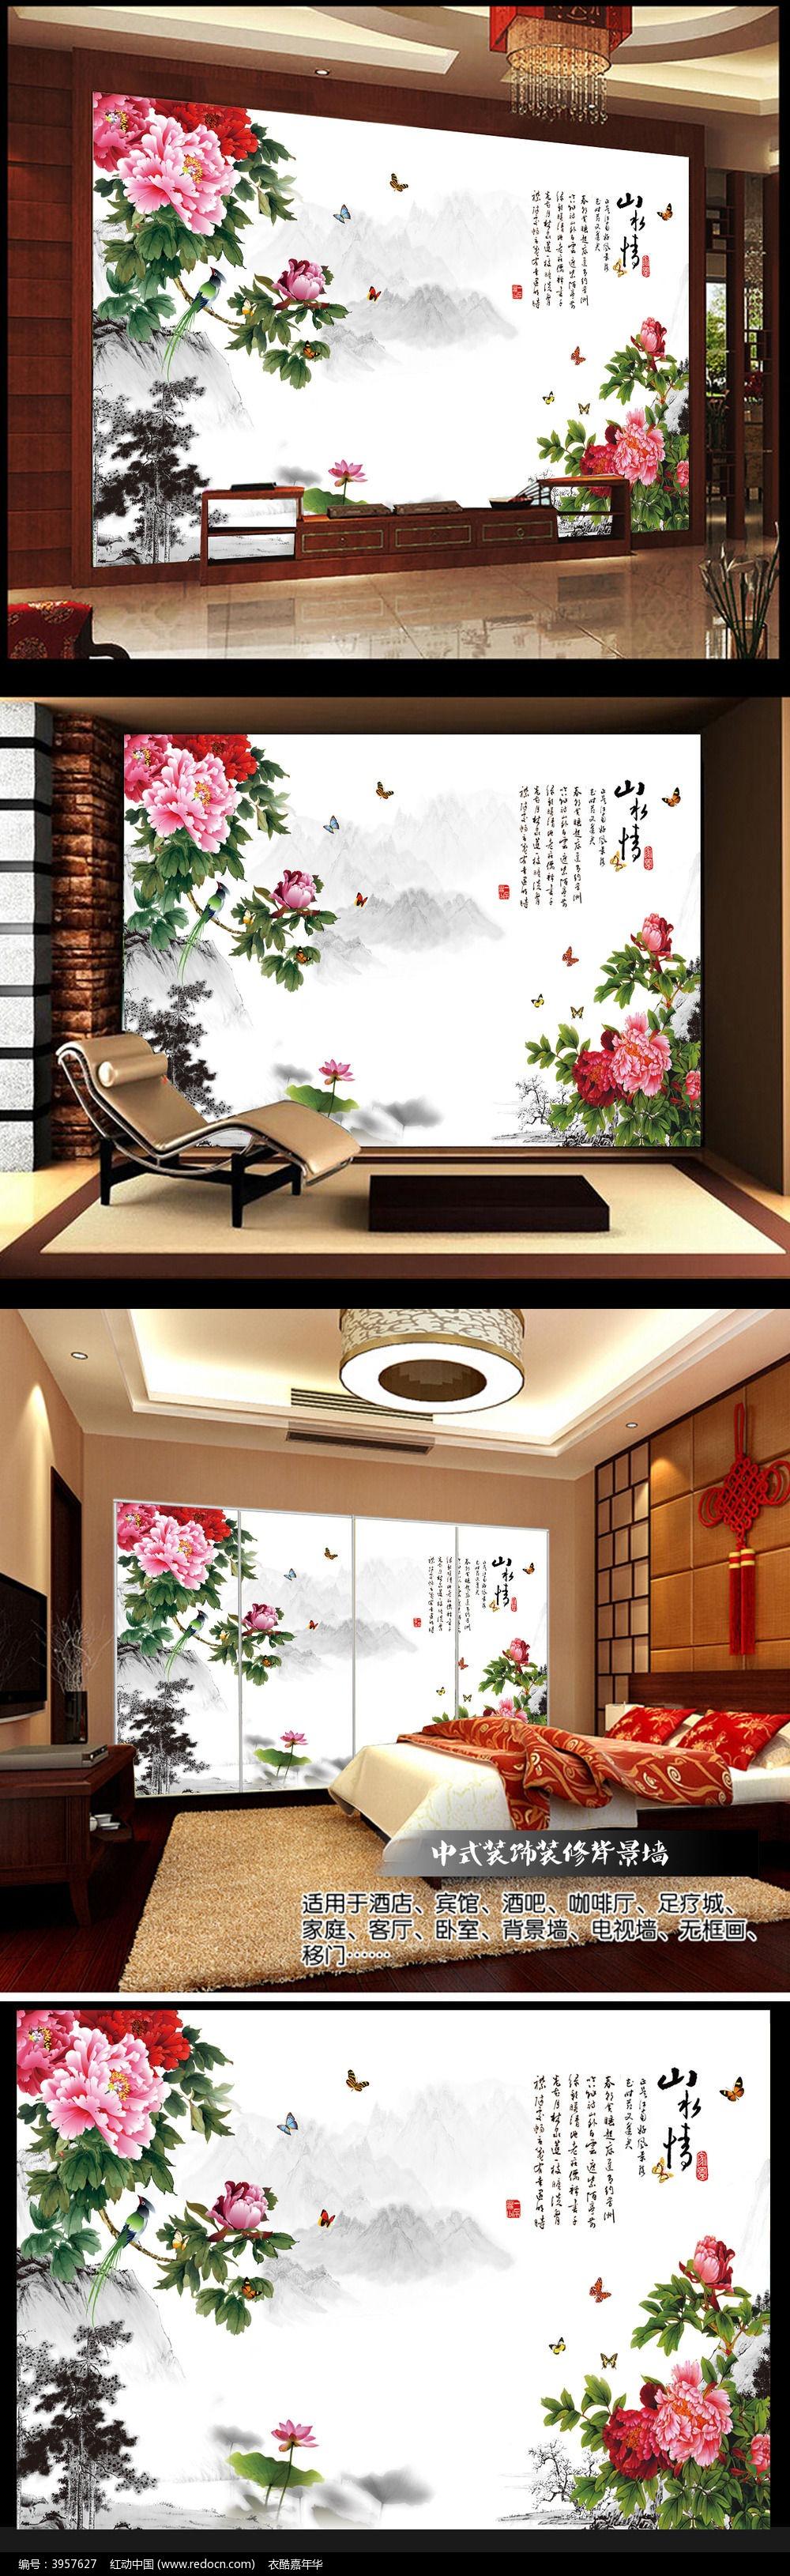 中式山水画瓷砖背景墙牡丹花图片